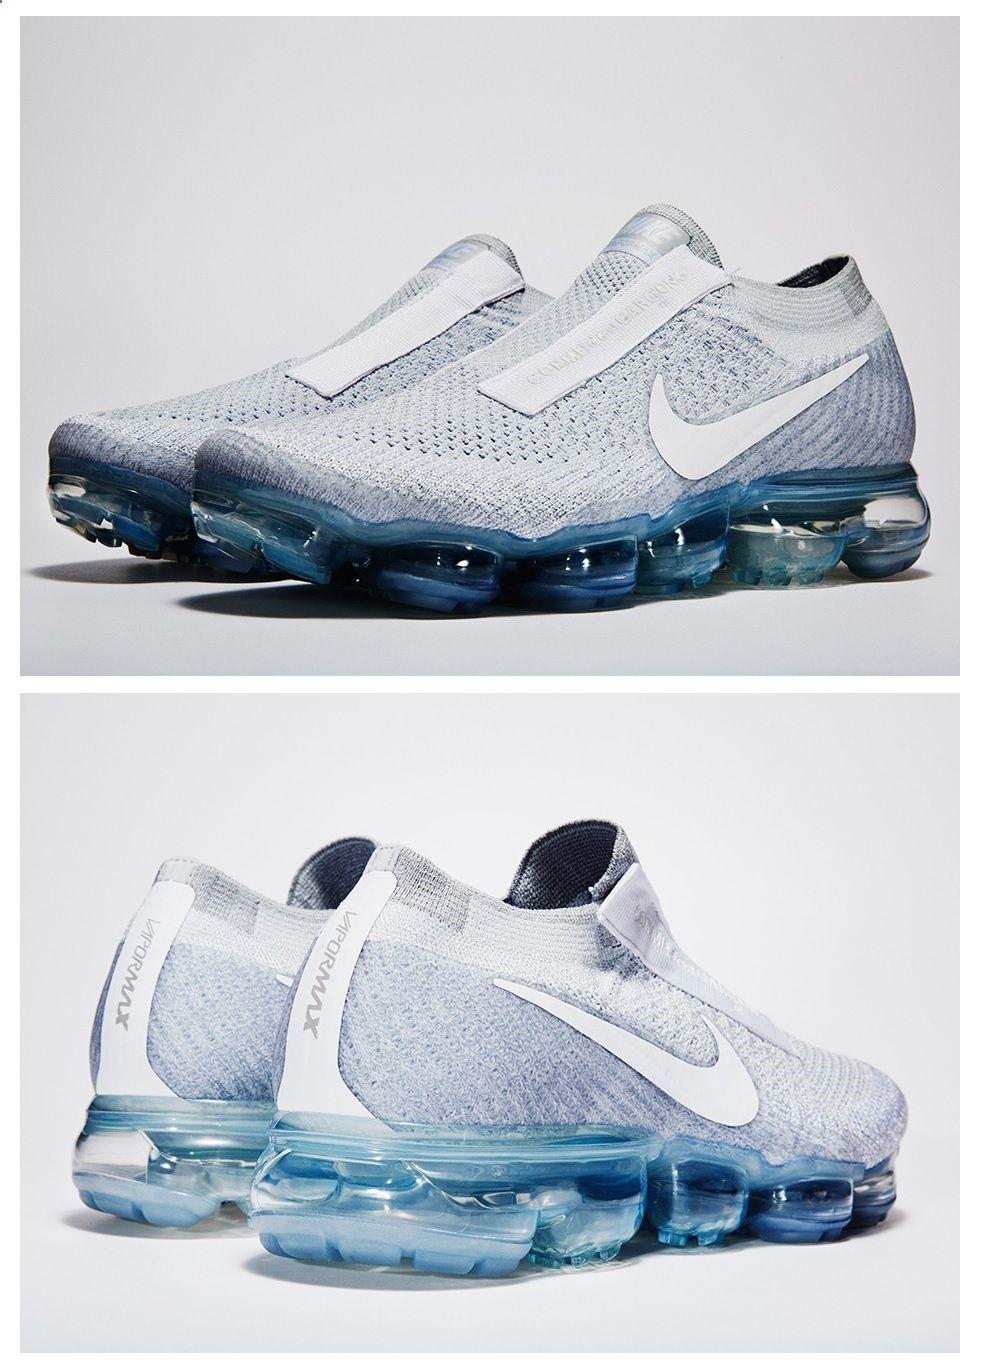 d3a7af6030 COMME des GARÇONS x Nike Vapormax | ❤️Tenis❤️ en 2019 | Zapatos ...